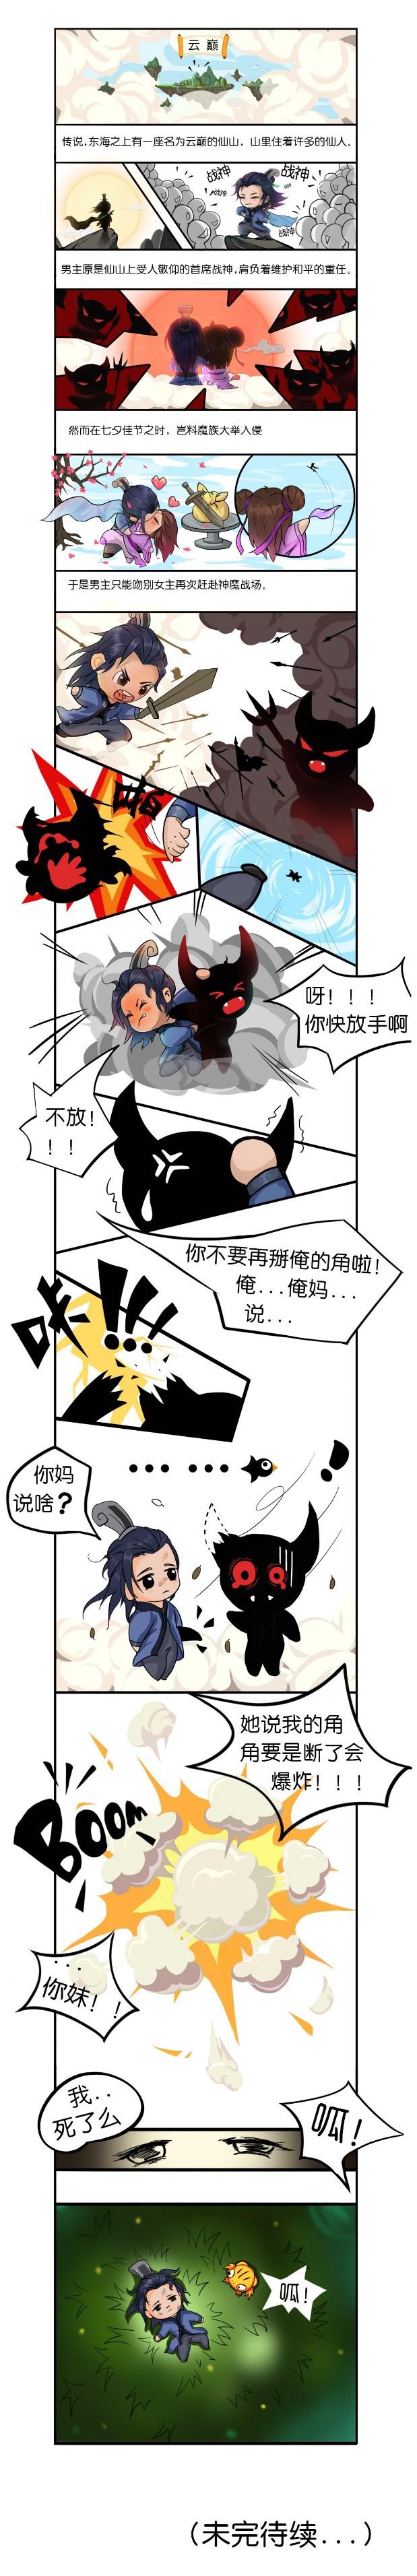 《云巅》漫画剧情-战神陨落